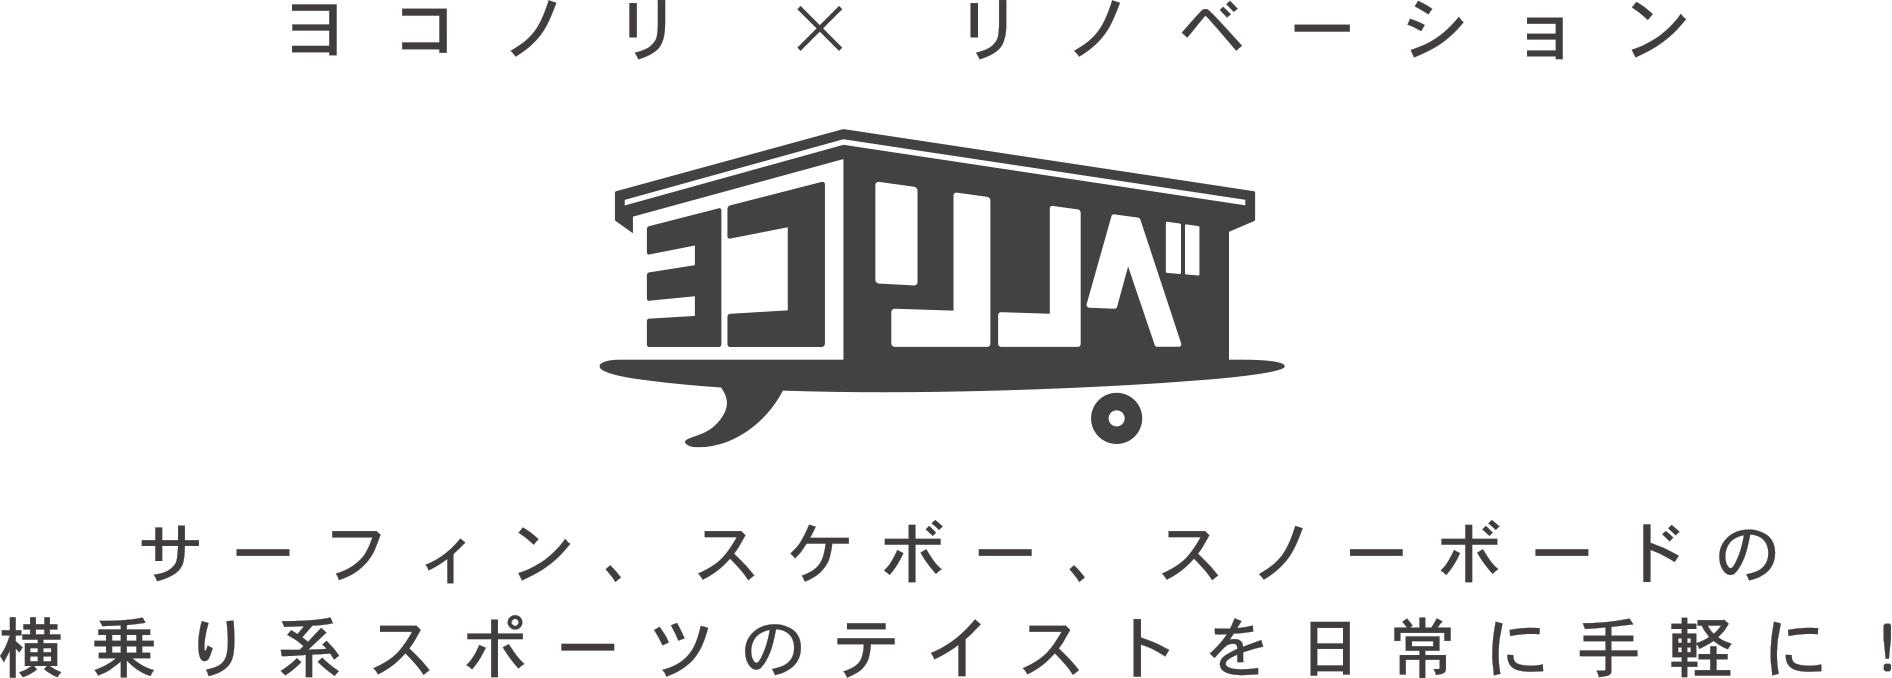 コンセプトとロゴ